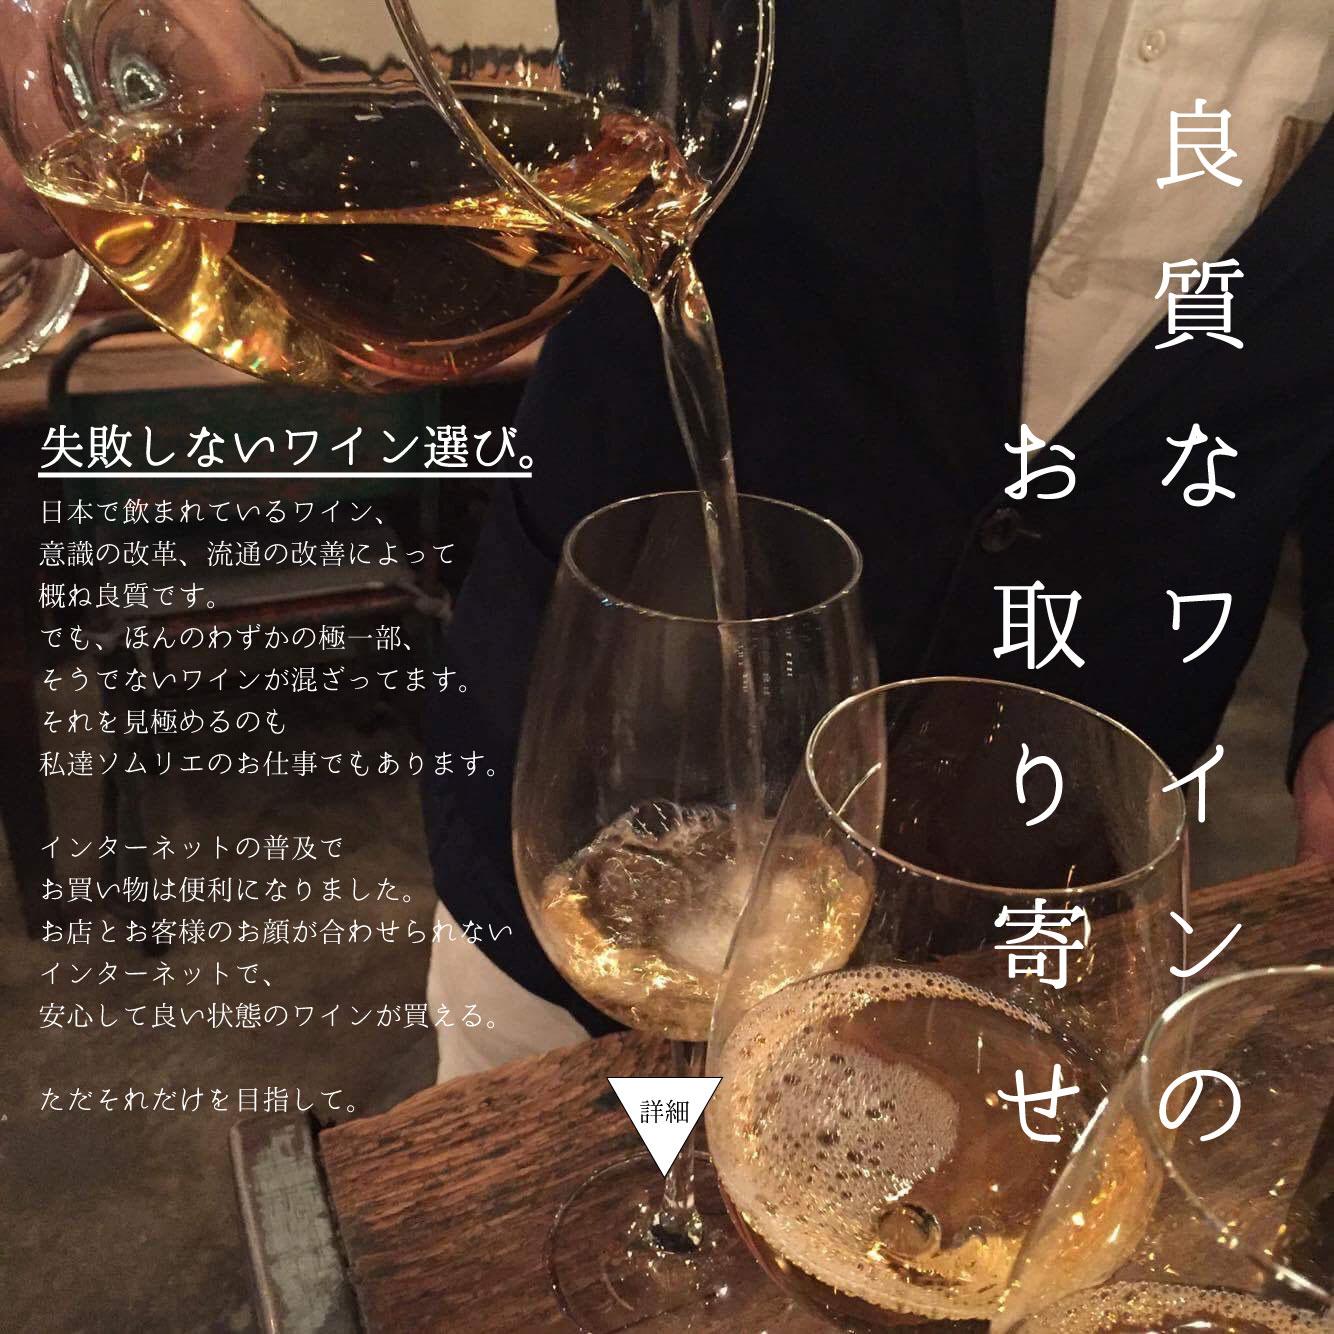 吉澤ワイン商店:良質なワインのお取り寄せ